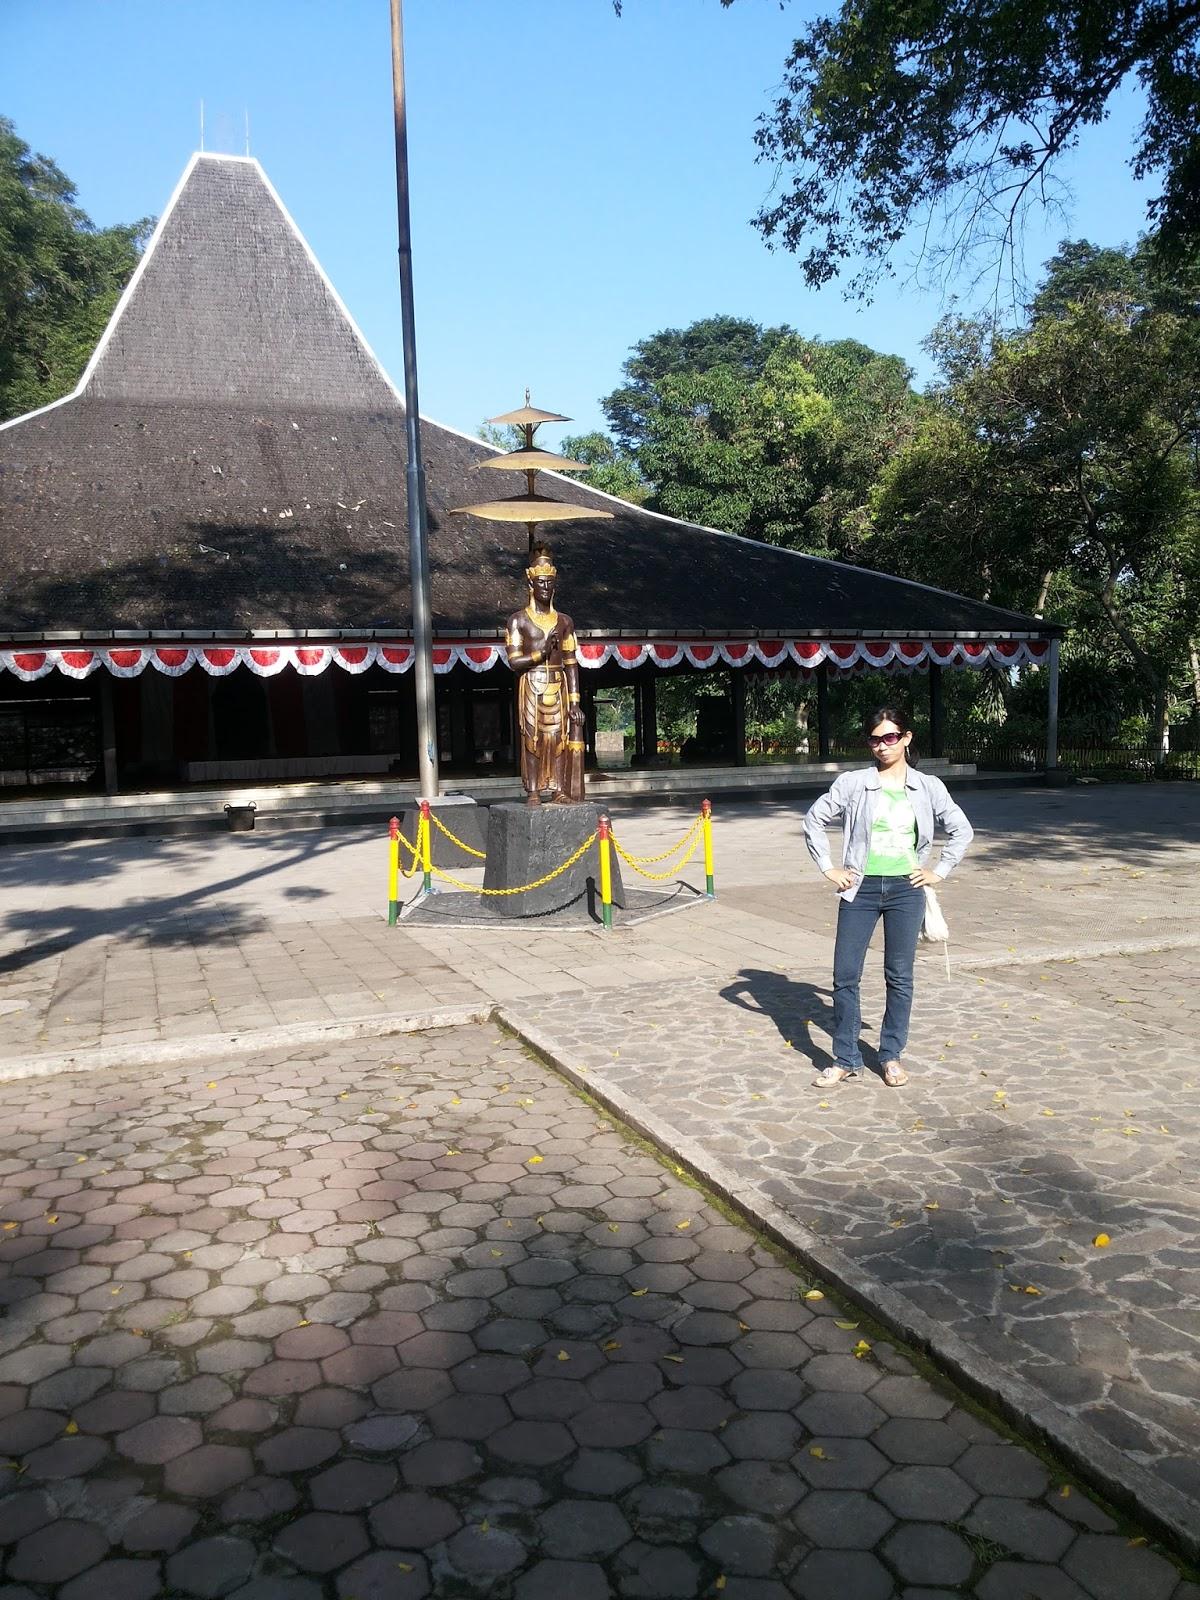 Homeland Tempat Wisata Kotaku Mojokerto Candi Terletak Sekitar Wilayah Taman